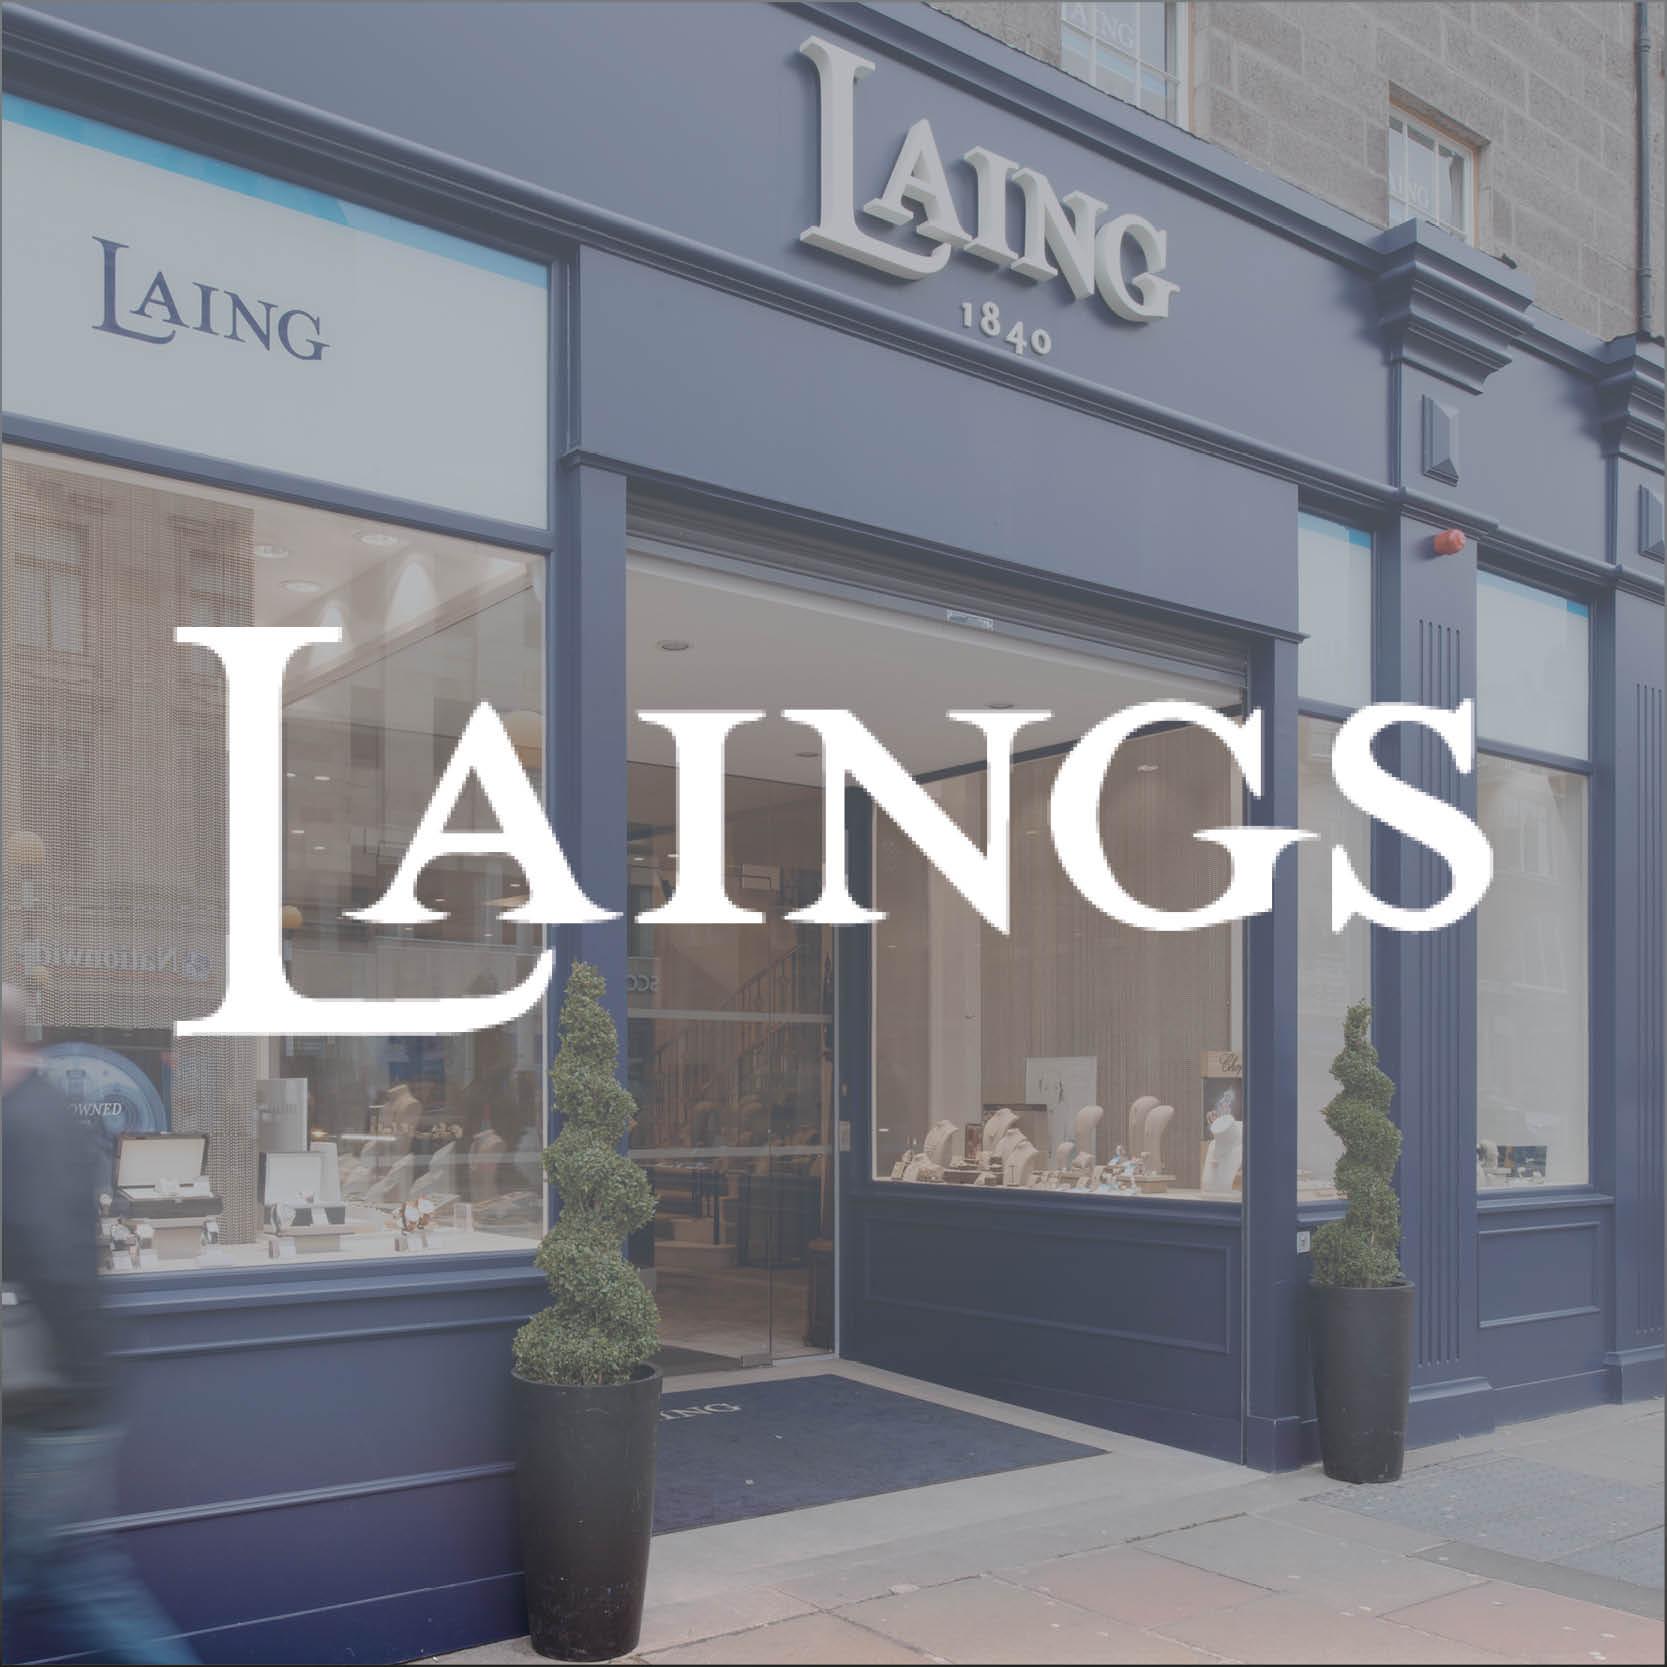 Laings